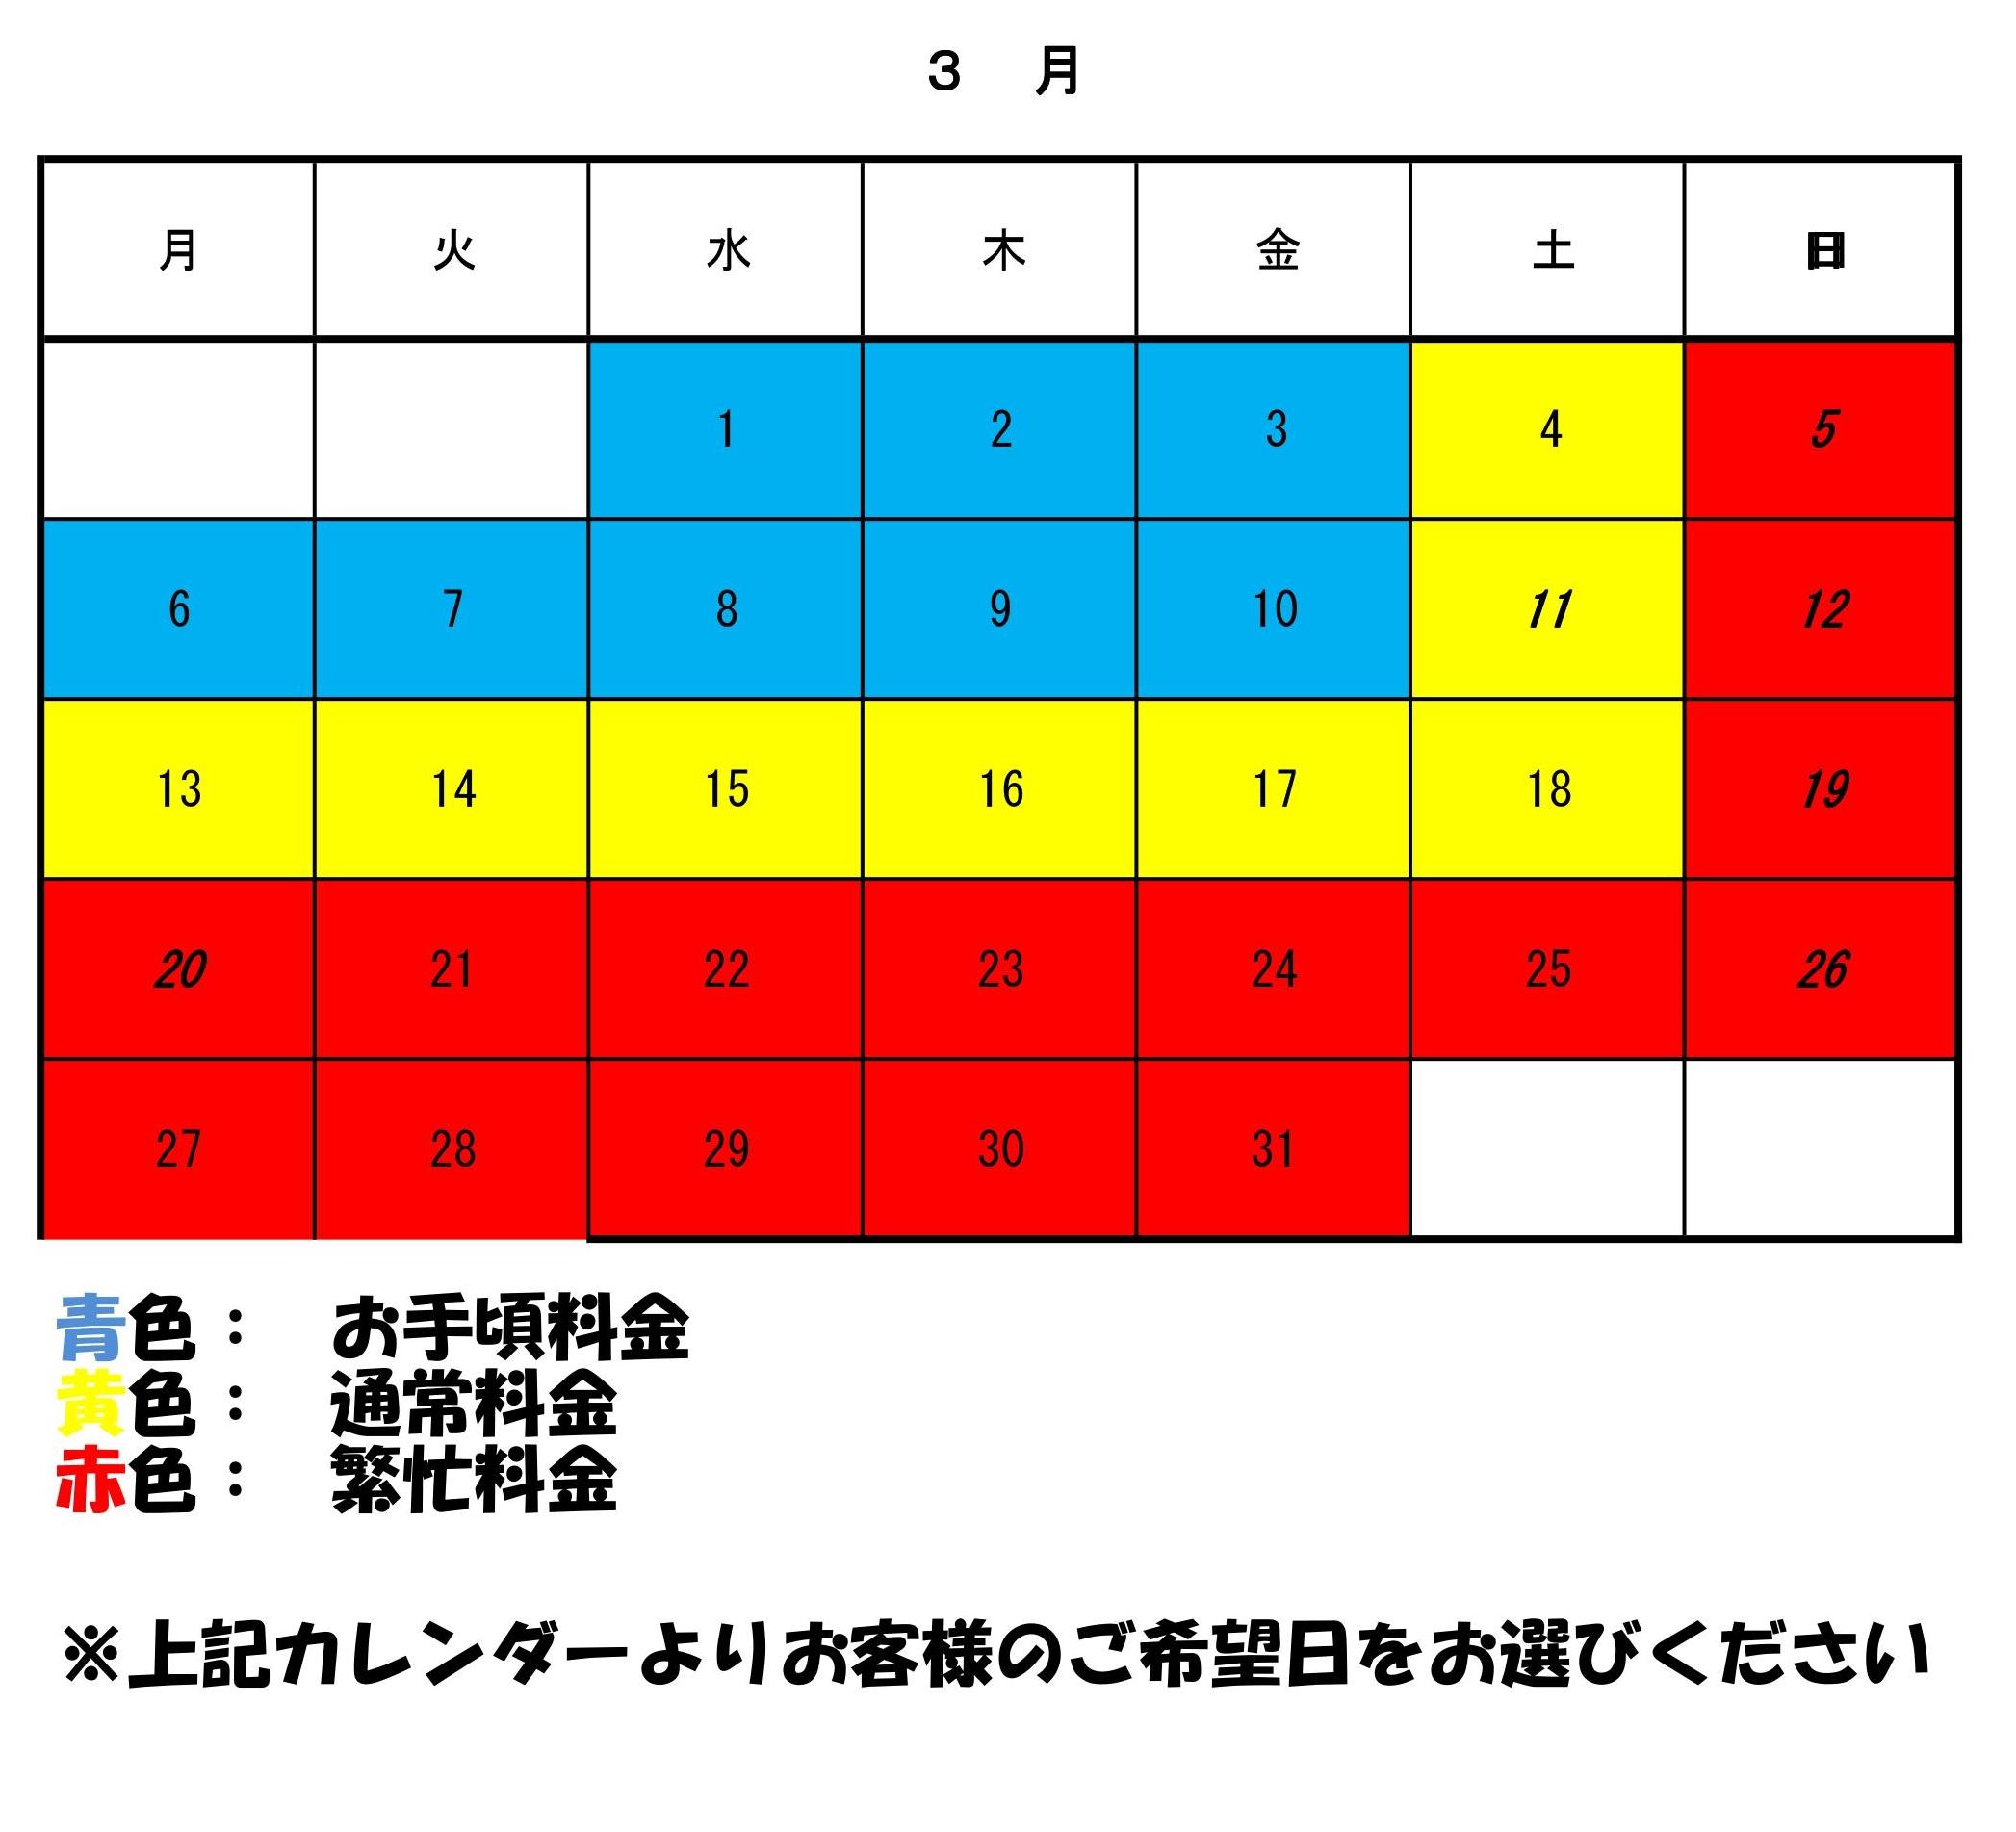 http://www.ikedapiano.co.jp/3.jpg